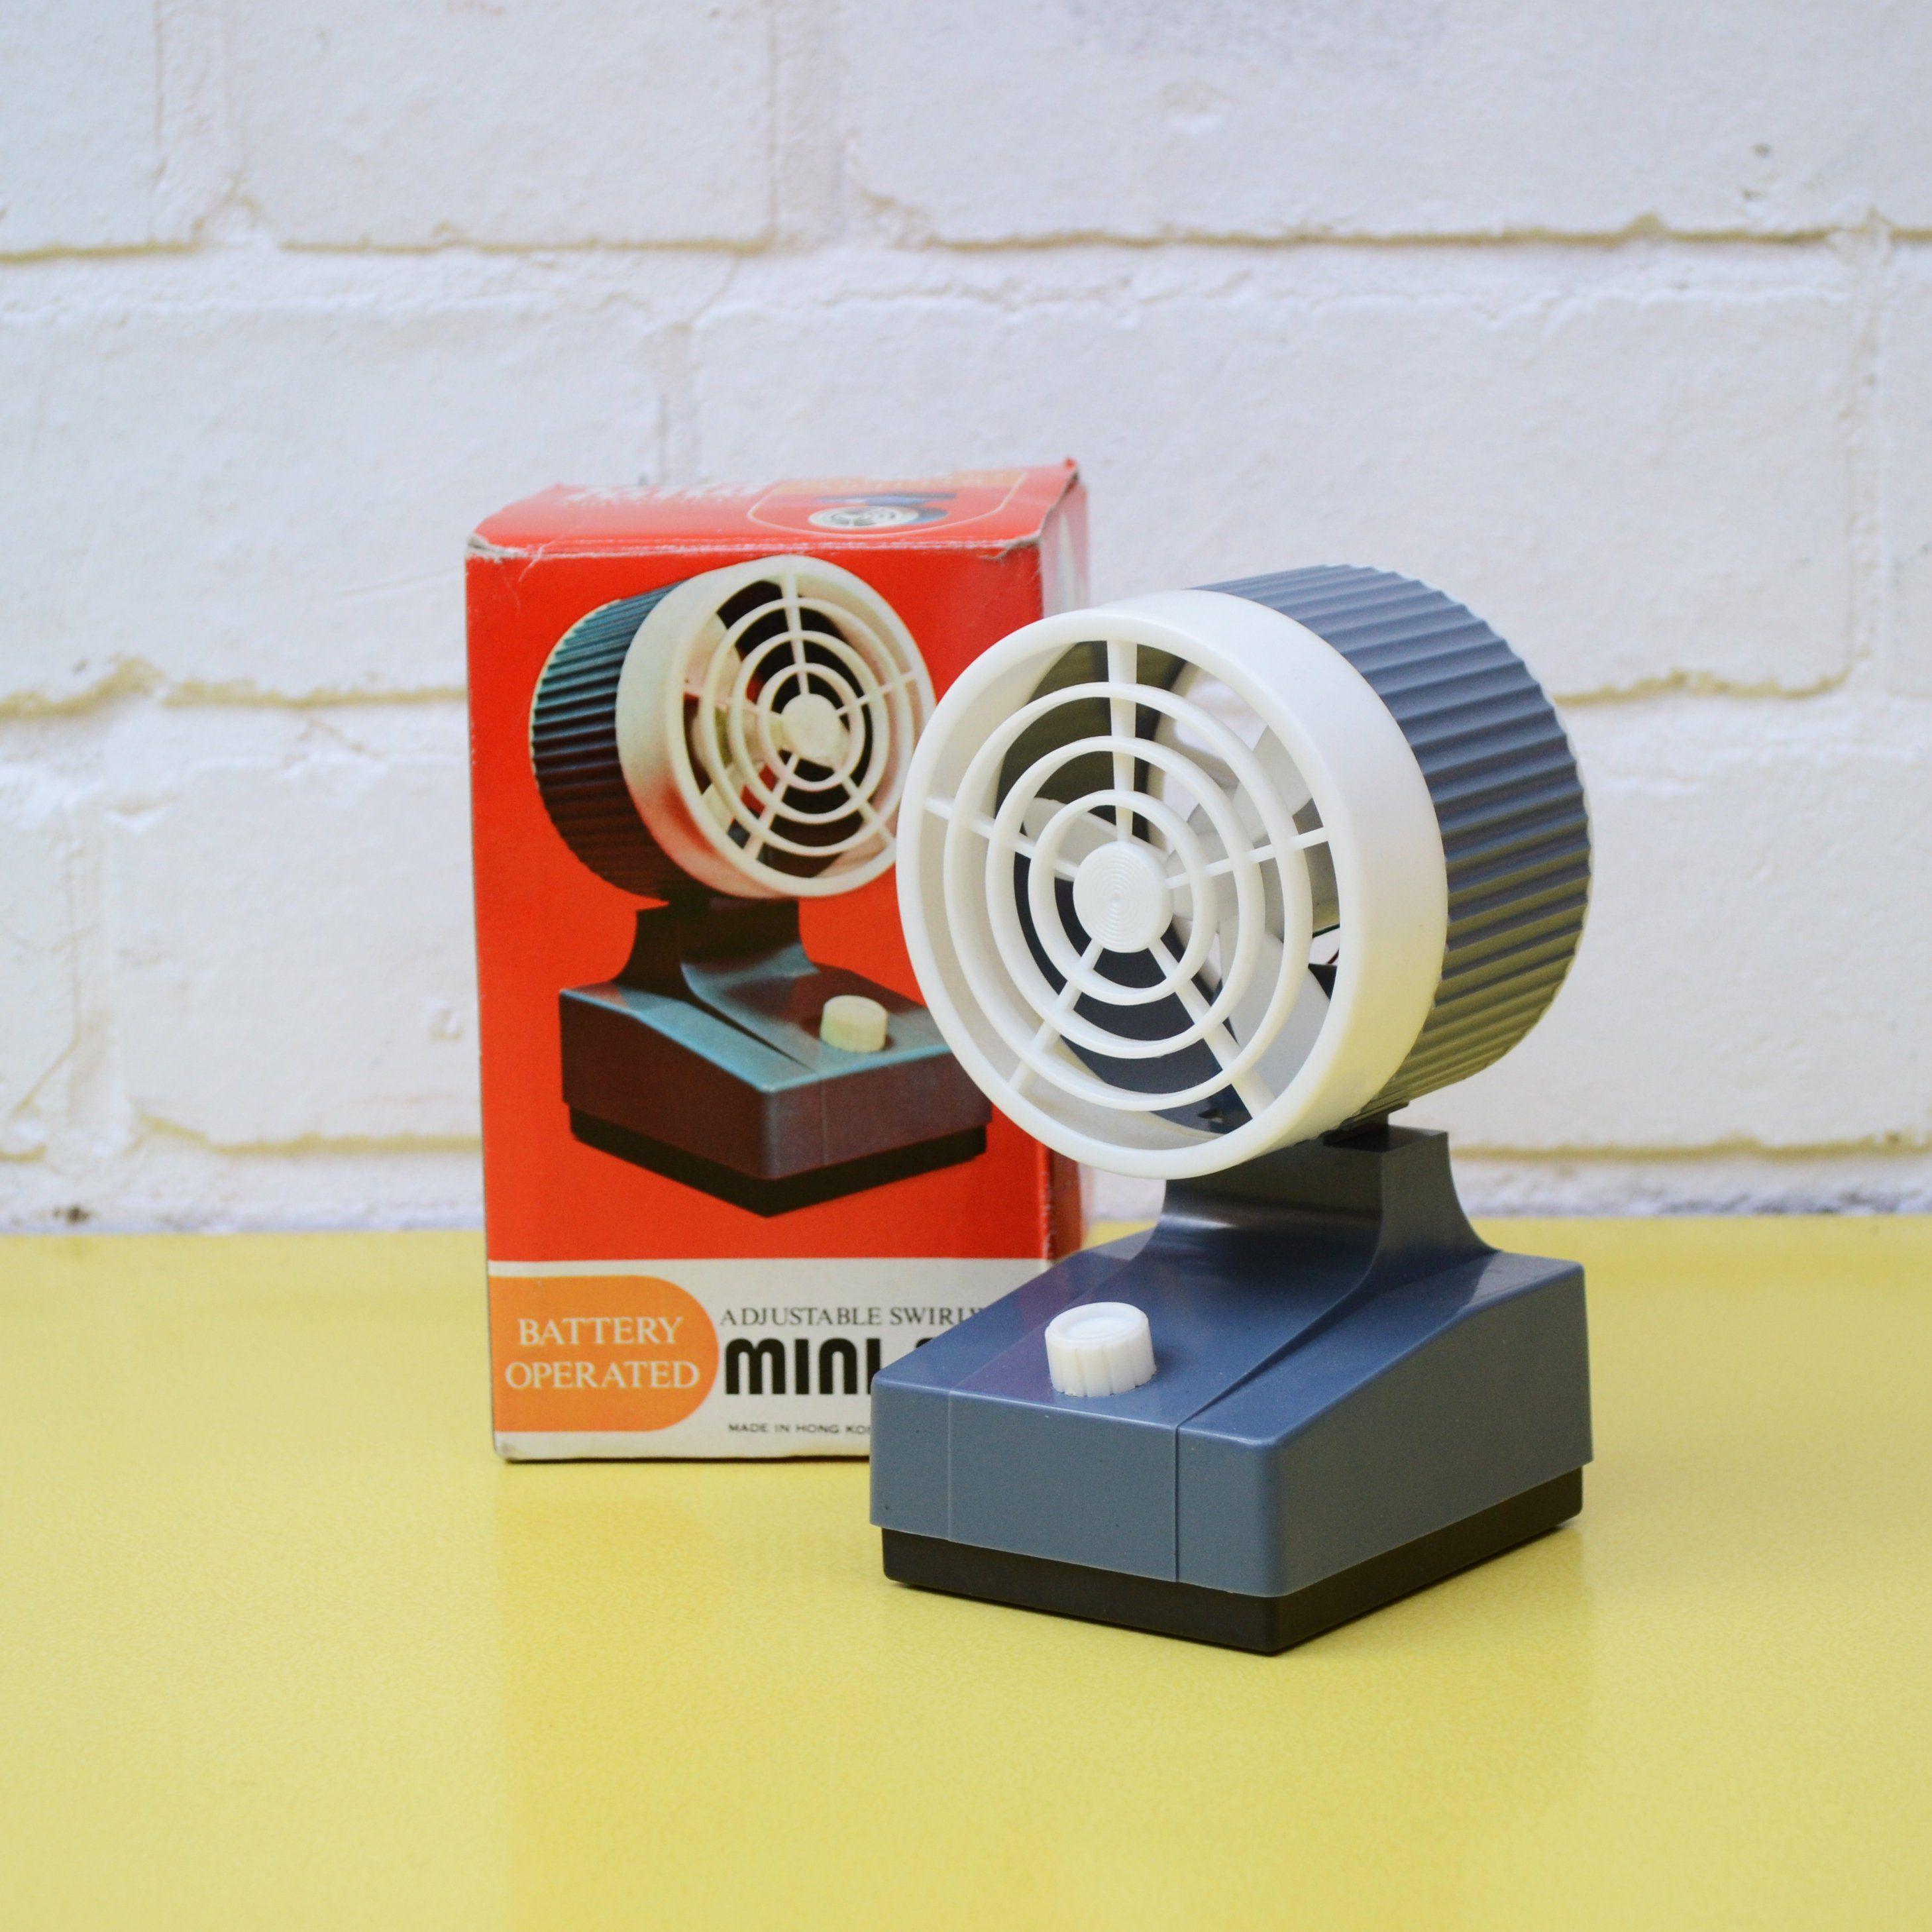 Vintage Mini Fan Battery Operated Desk Fan Office Fan Adjustable Swirlwind Mini Fan Tiny Personal Fan Travel Size Fan D Desk Fan Mini Desk Fan Office Fan